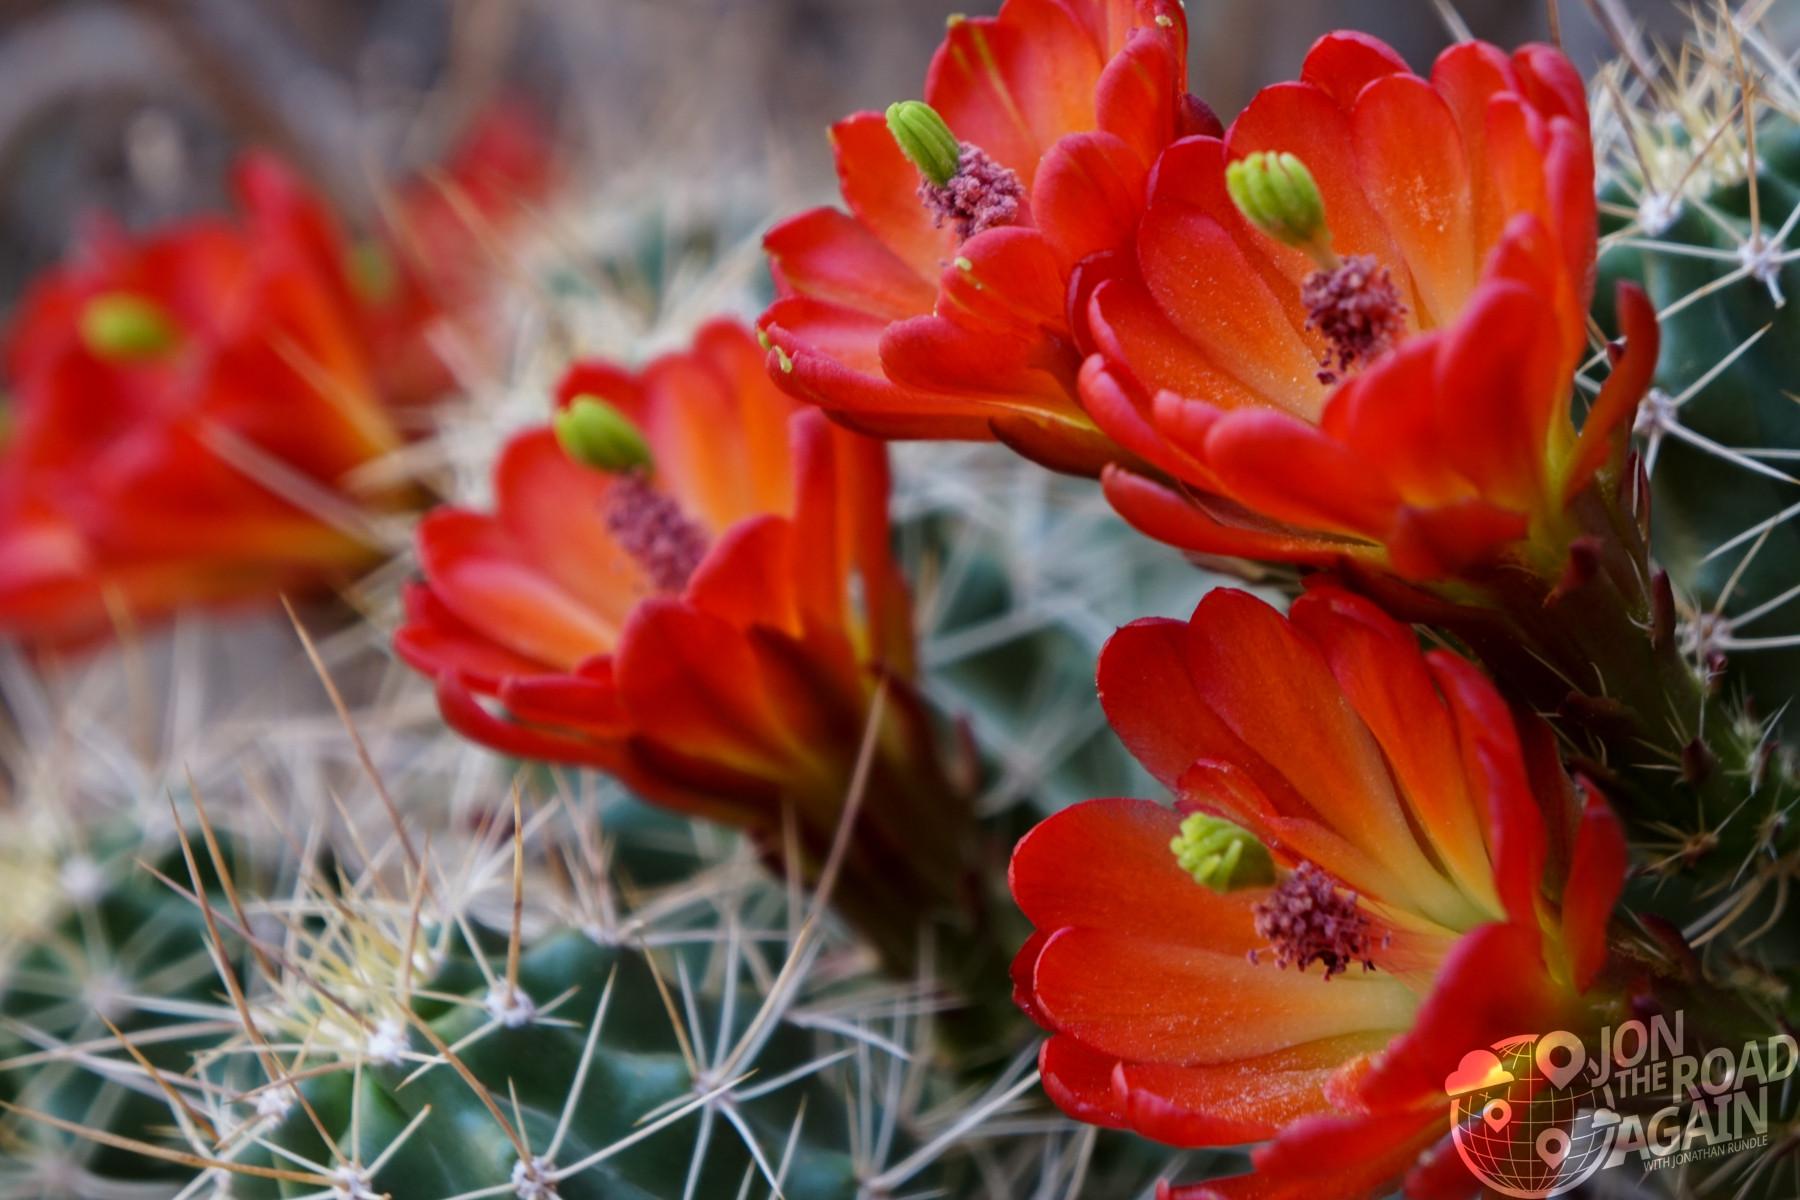 Cactus flowers in Capitol Gorge